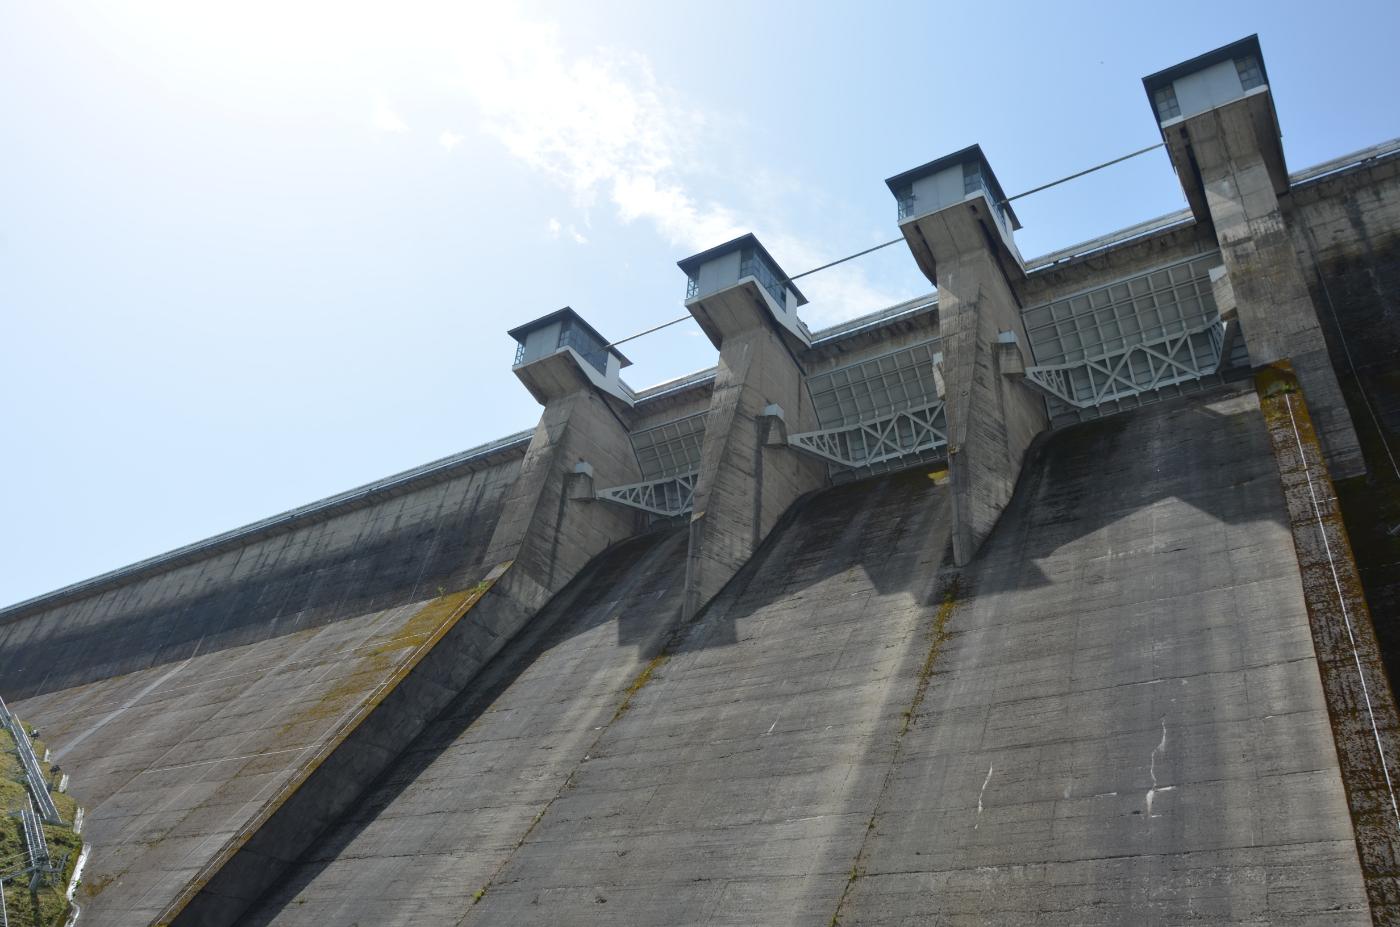 Zapora na Jeziorze Solińskim od środka. Jakie tajemnice skrywa ta budowla? [WIDEO, ZDJĘCIA] - Zdjęcie główne